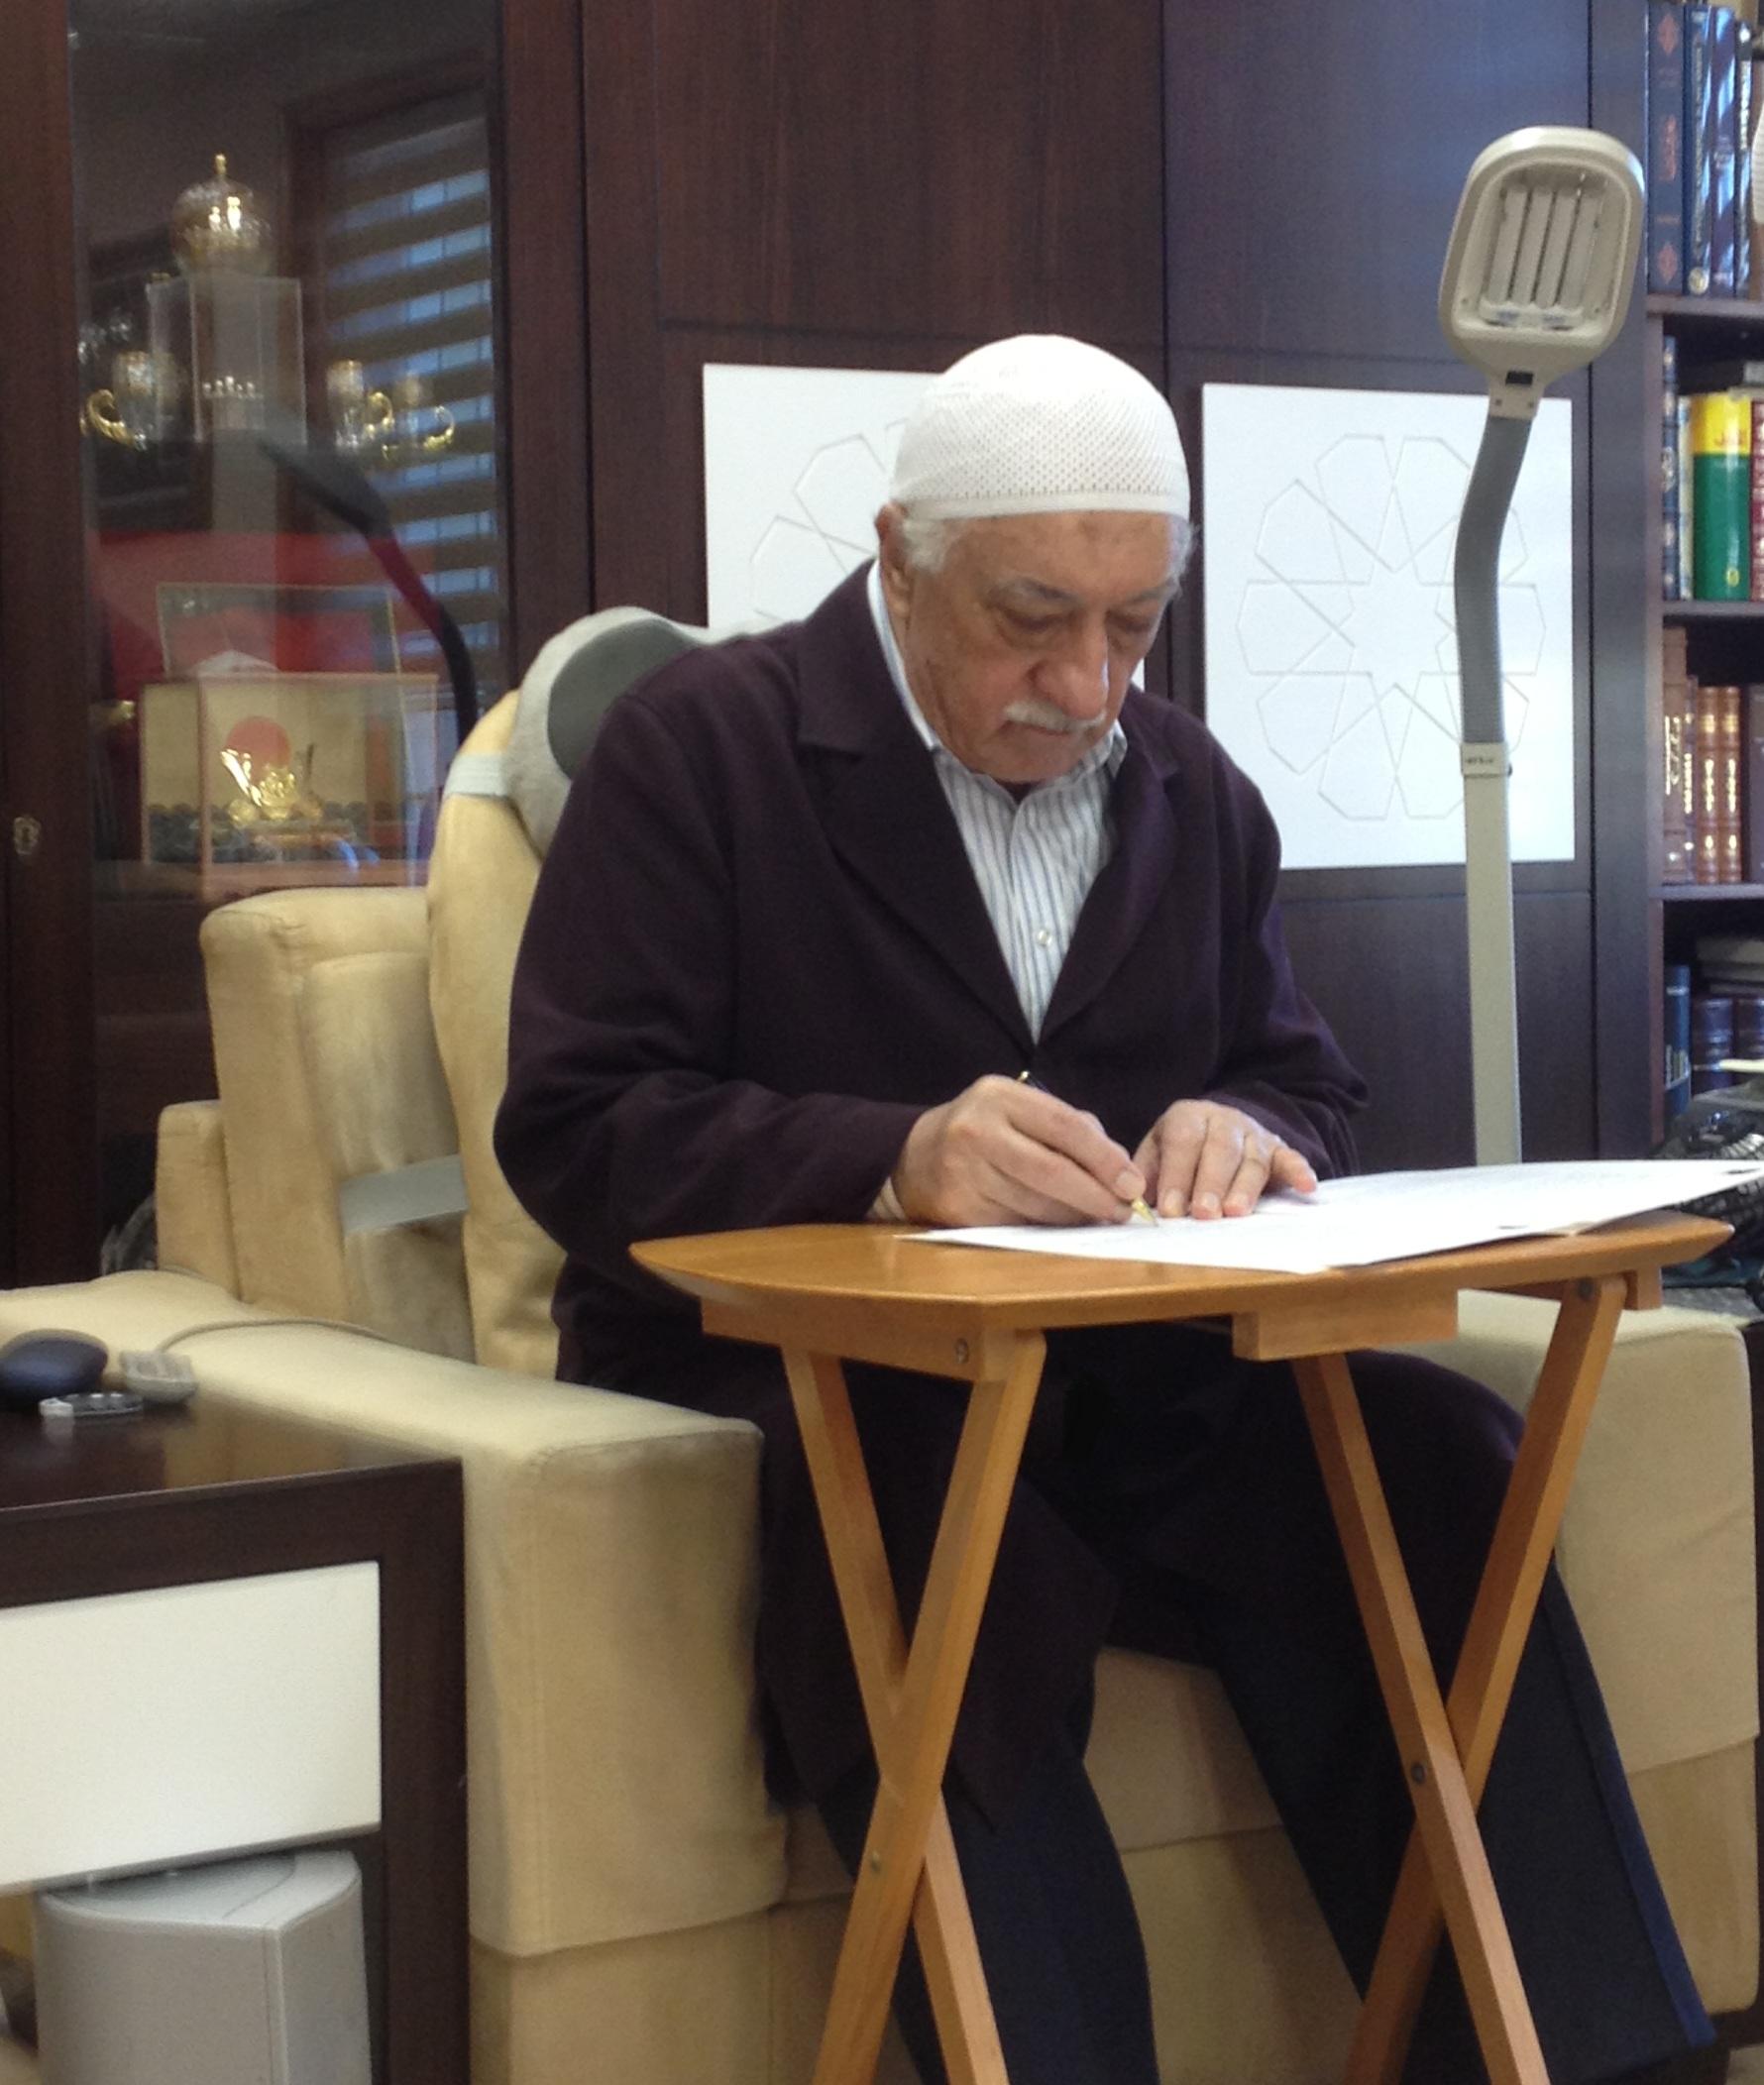 Muhterem Fethullah Gülen Hocaefendi Senegal'de düzenlenecek olan konferansa göndereceği mesajı imzalarken